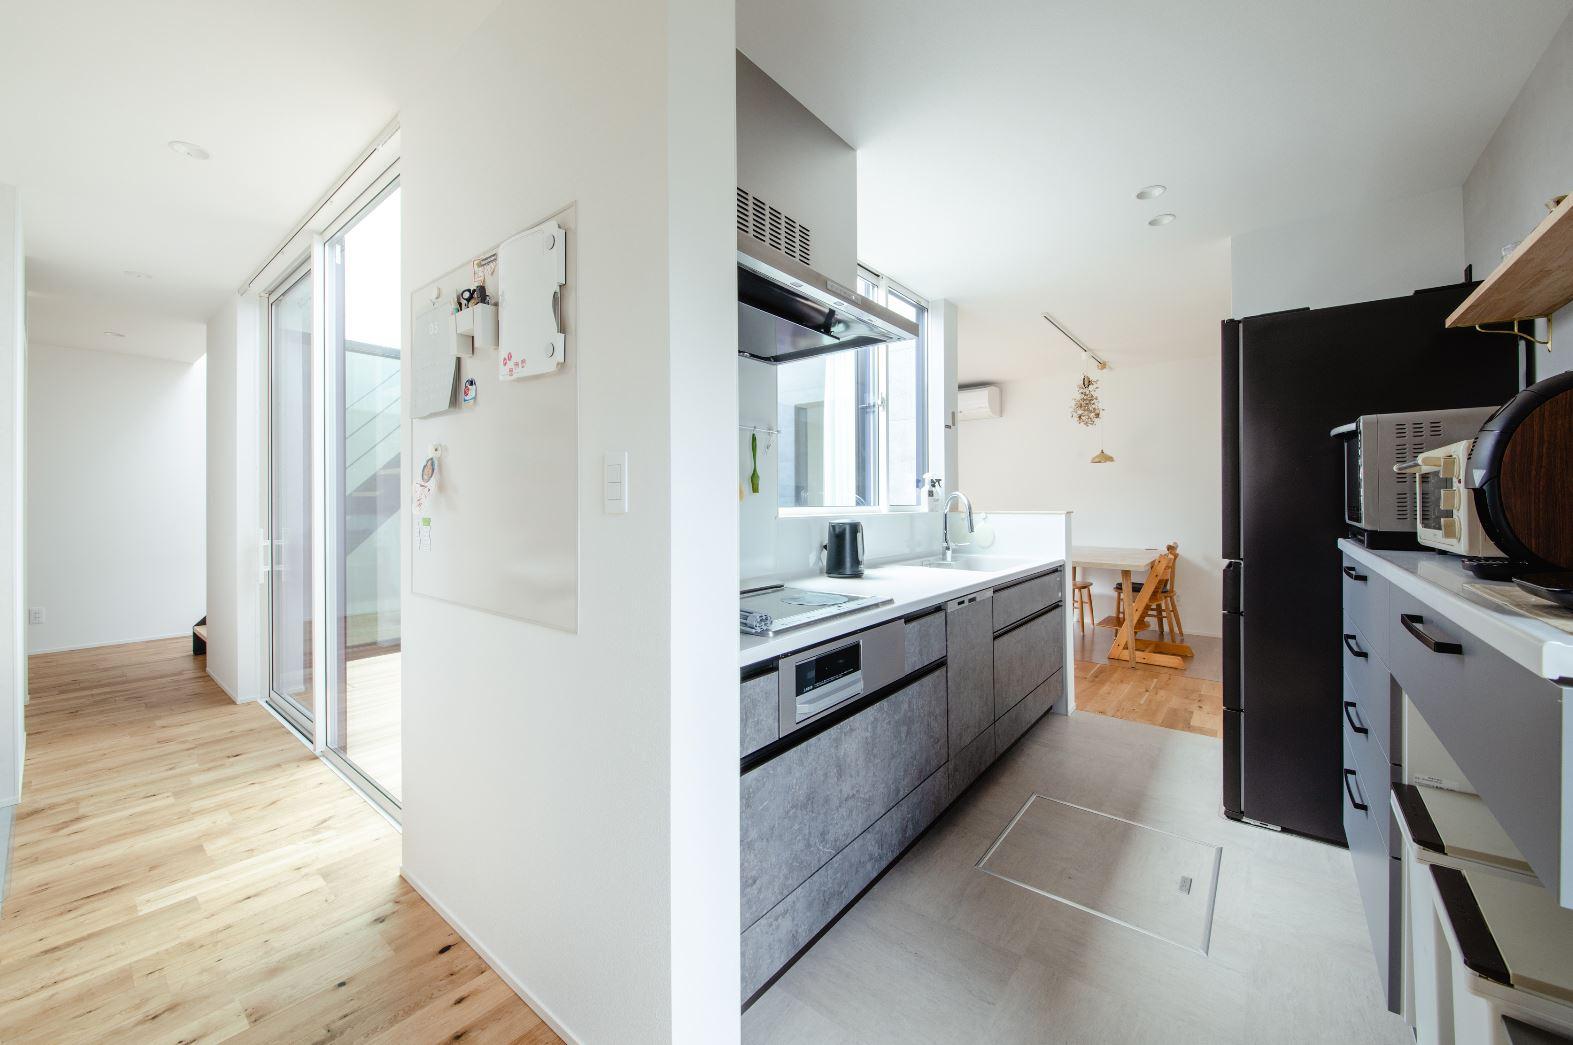 S.CONNECT(エスコネクト)【デザイン住宅、間取り、建築家】娘たちと料理するのが夢だったというMさんのためにキッチンのスペースを広く確保。収納もたくさんあるので食材などをストックしておける